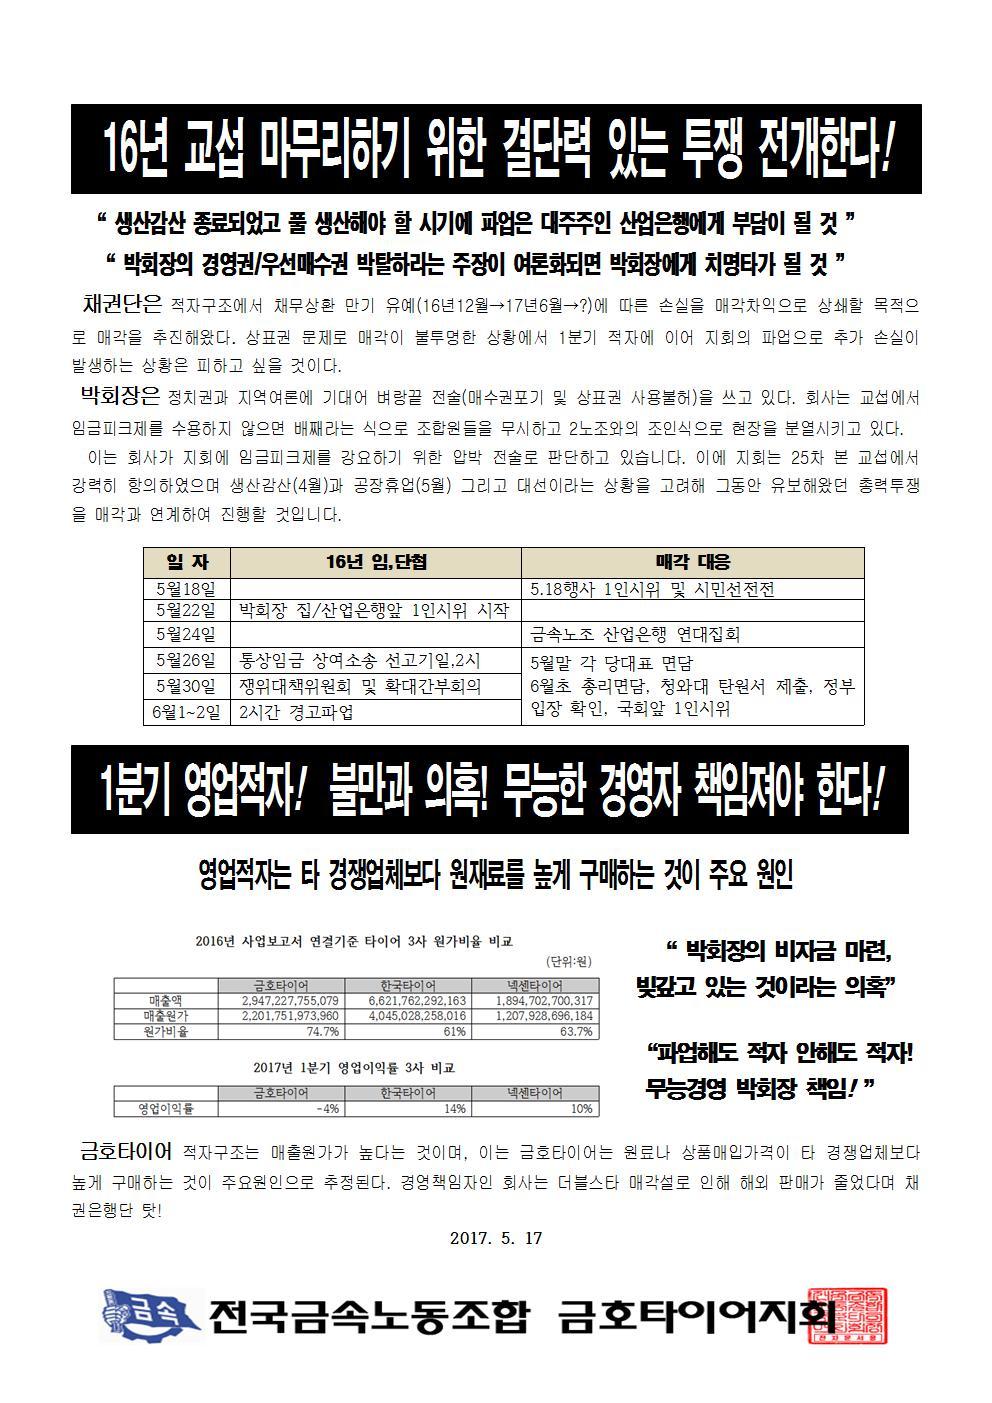 16년 임,단협 마무리 하기위한 지회입장001.jpg